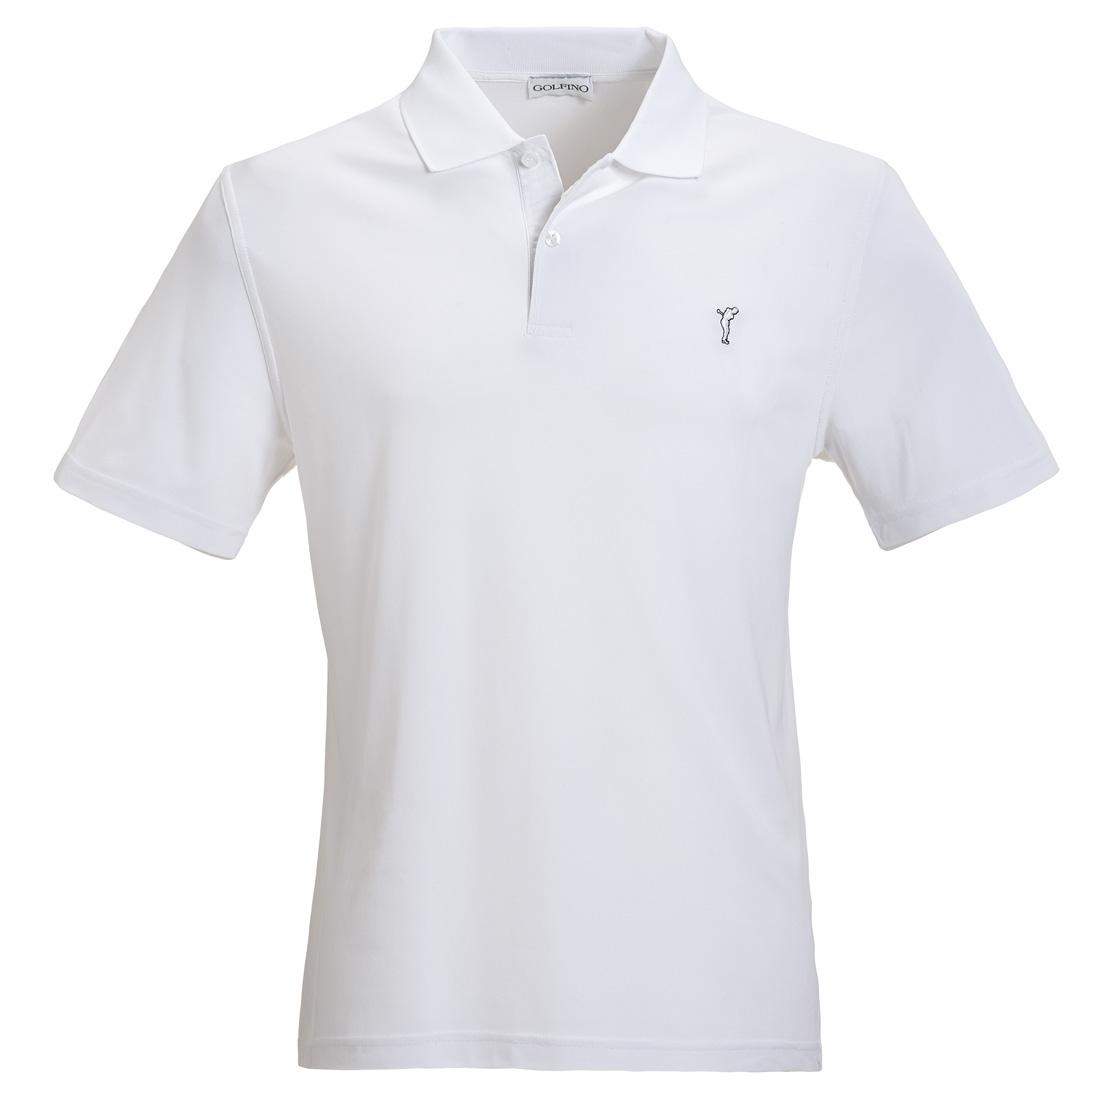 Herren Poloshirt aus feutigkeitsregulierendem Material